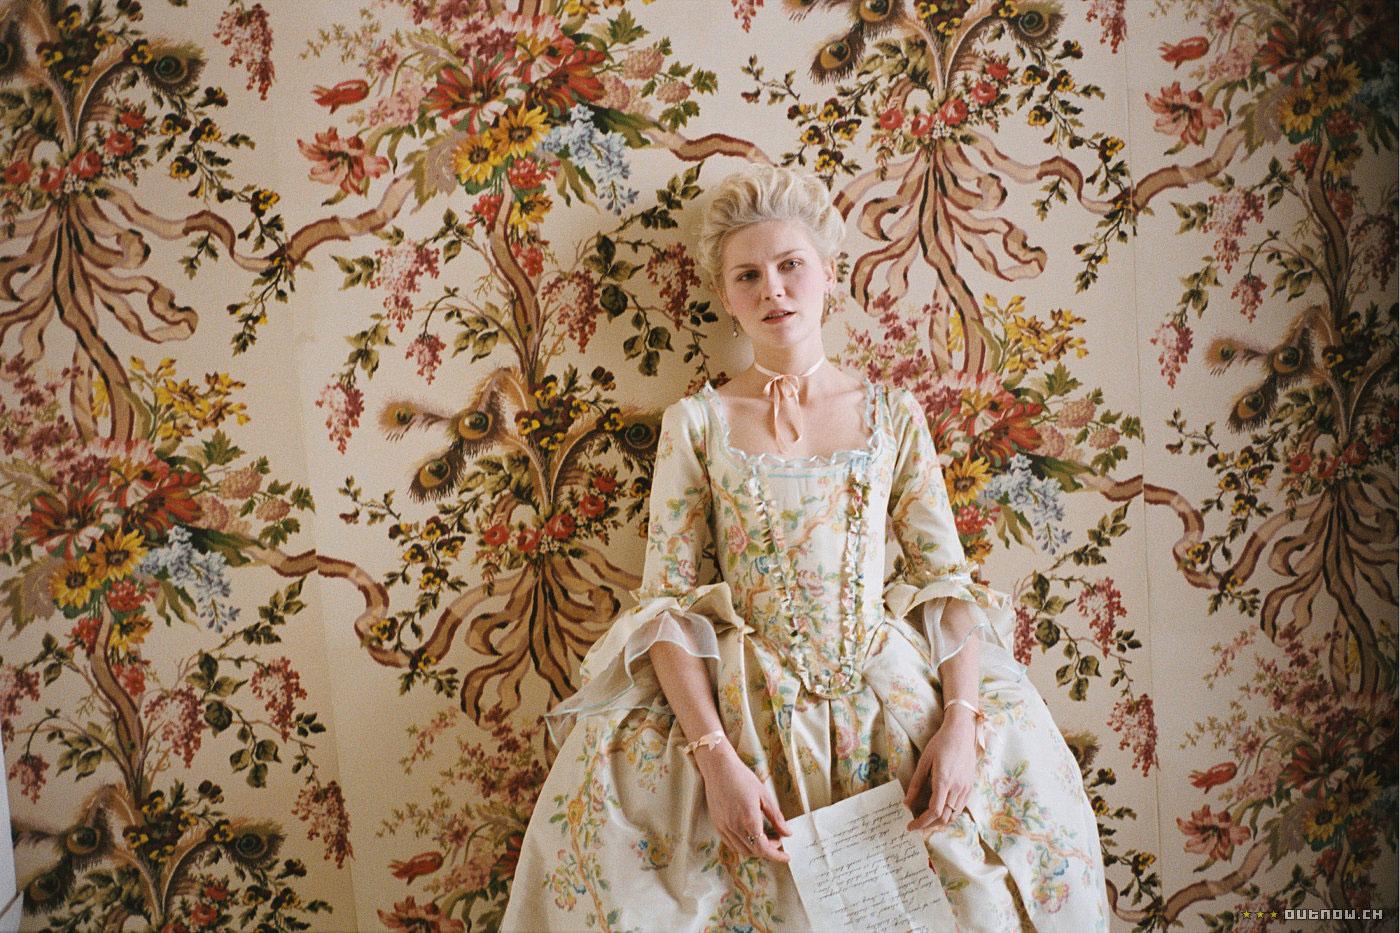 thời trang phim marie antoinette đầm trắng họa tiết hoa trước bức tường hoa